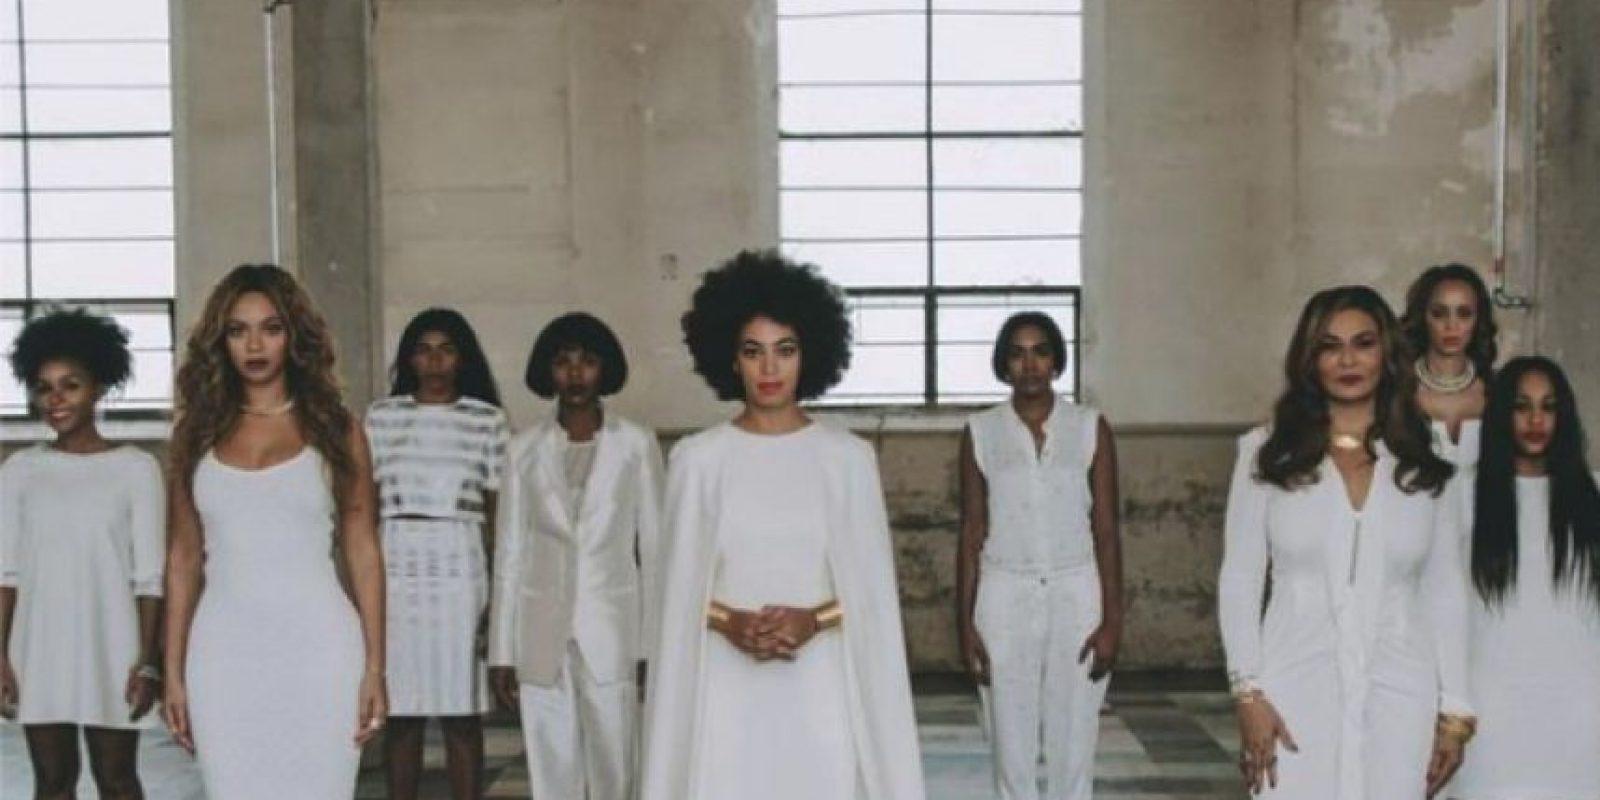 Este retablo familia se ha convertido en una de las fotos más populares del moment. Foto:Instagram/Beyoncé